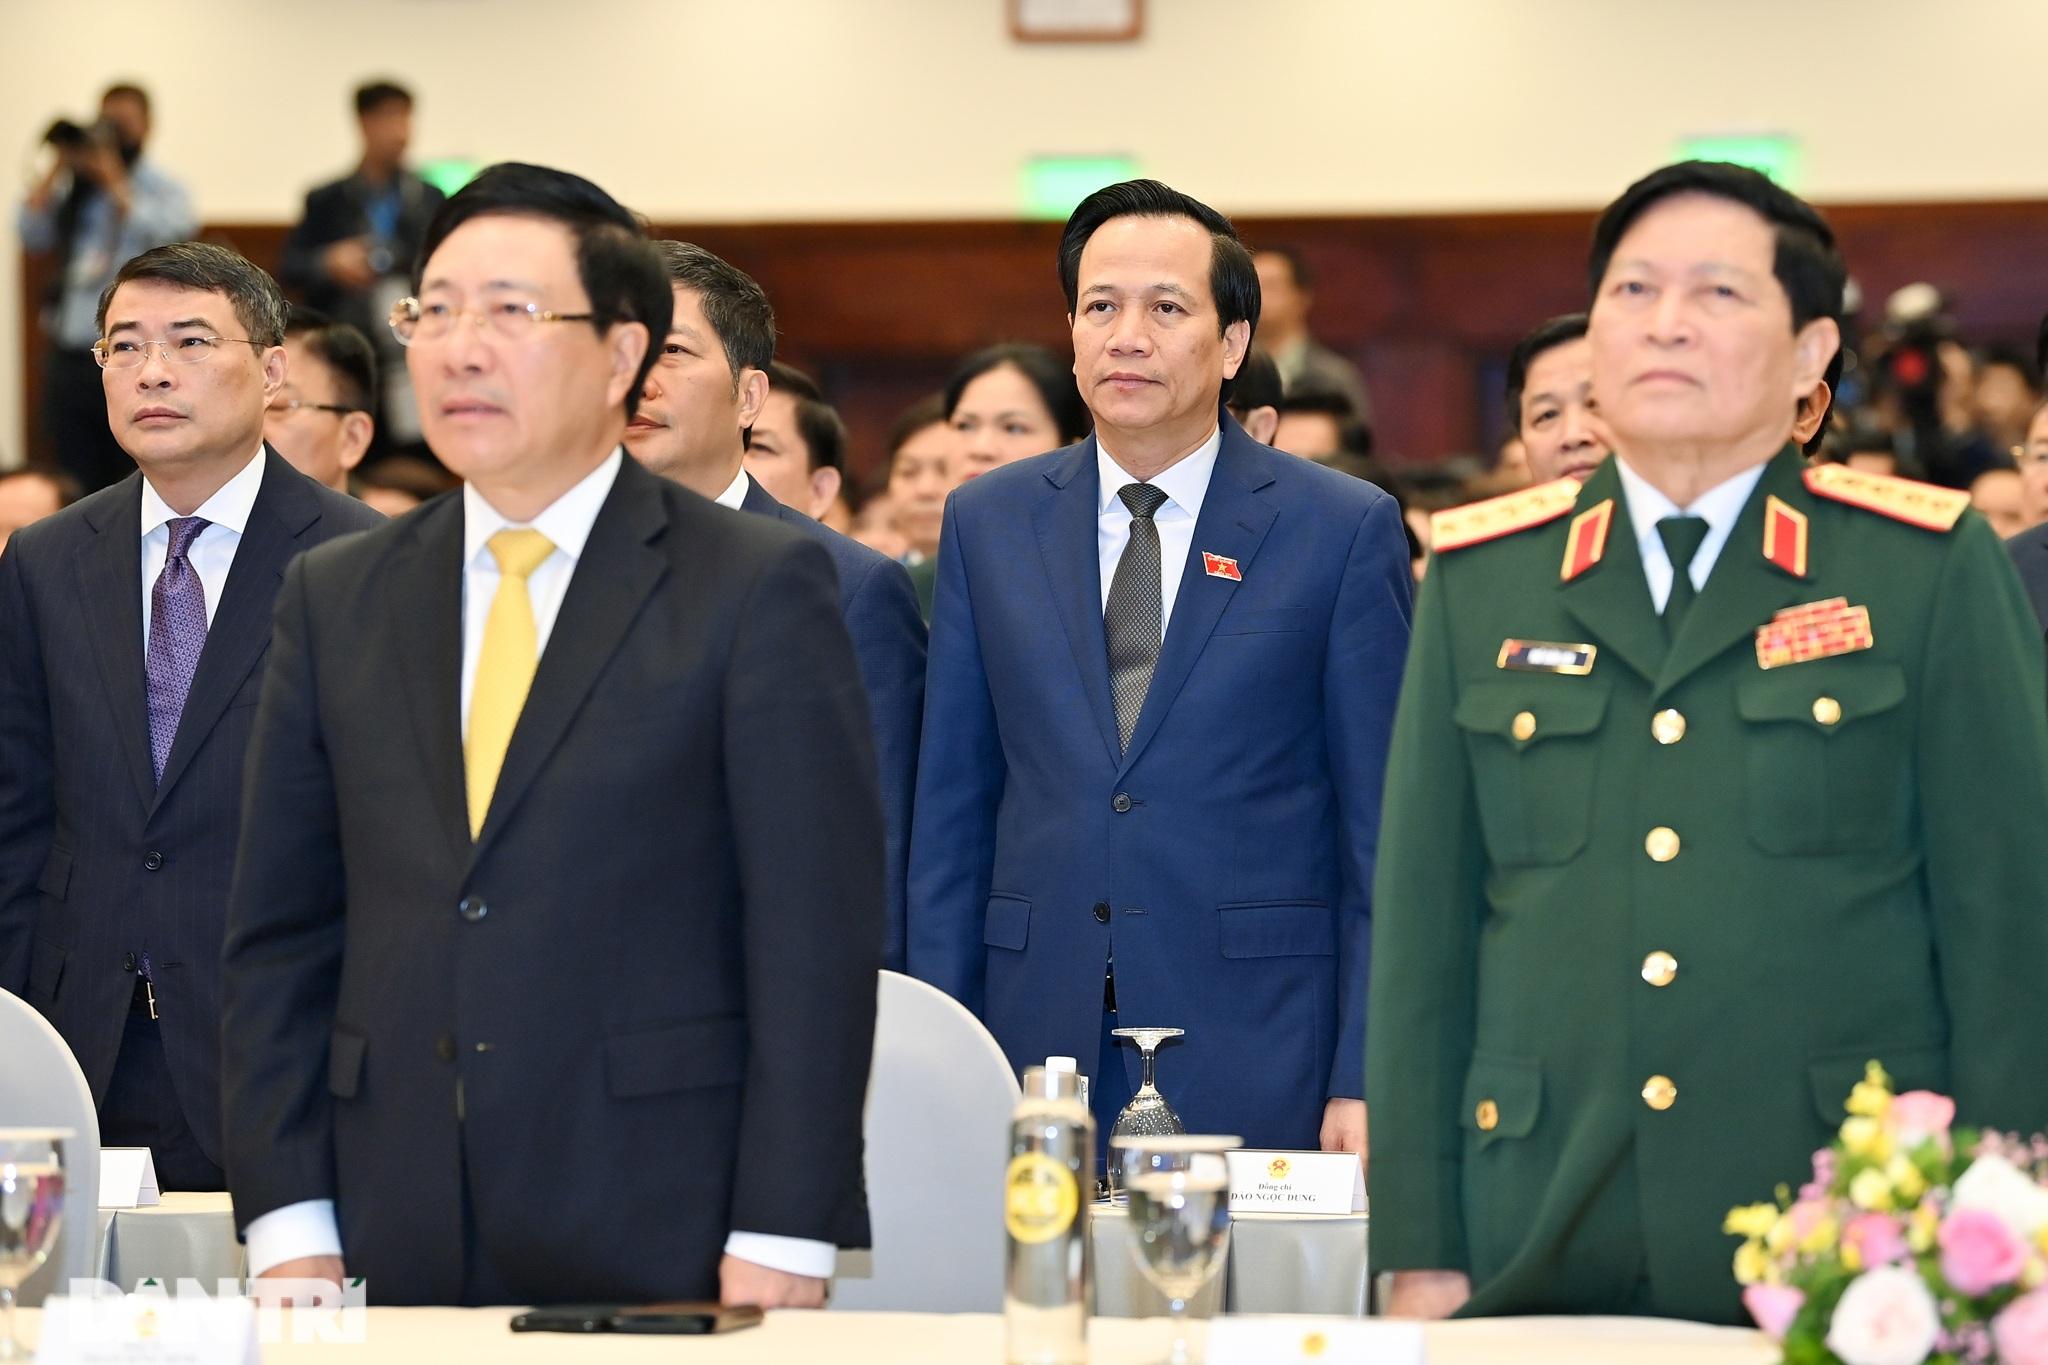 Lãnh đạo Đảng, Nhà nước dự khai mạc Hội nghị cấp cao ASEAN - 9